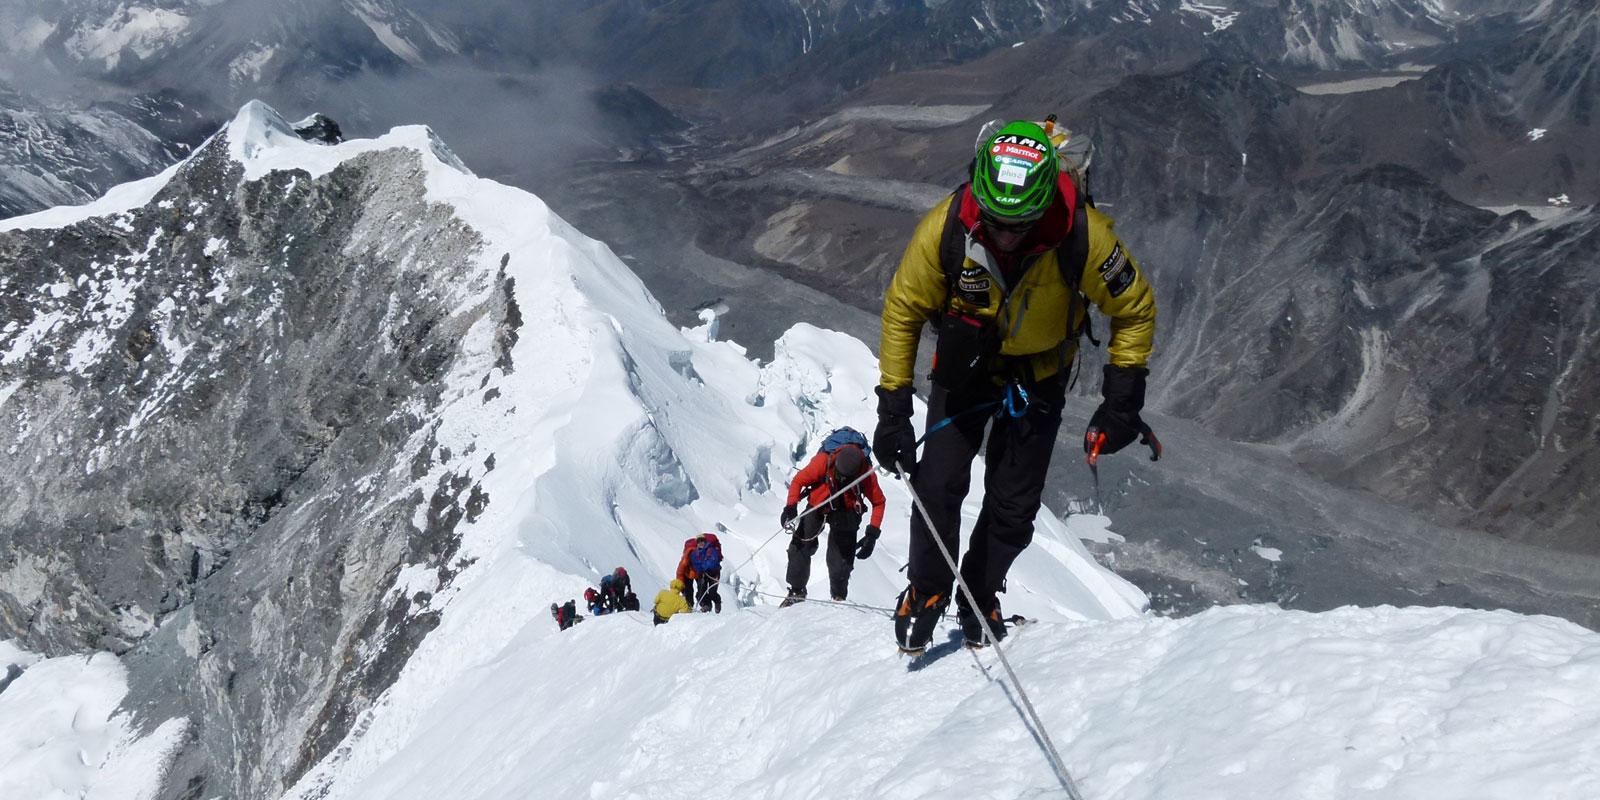 Island-peak-climbing-with-gakyo-and-EBC-Trek-